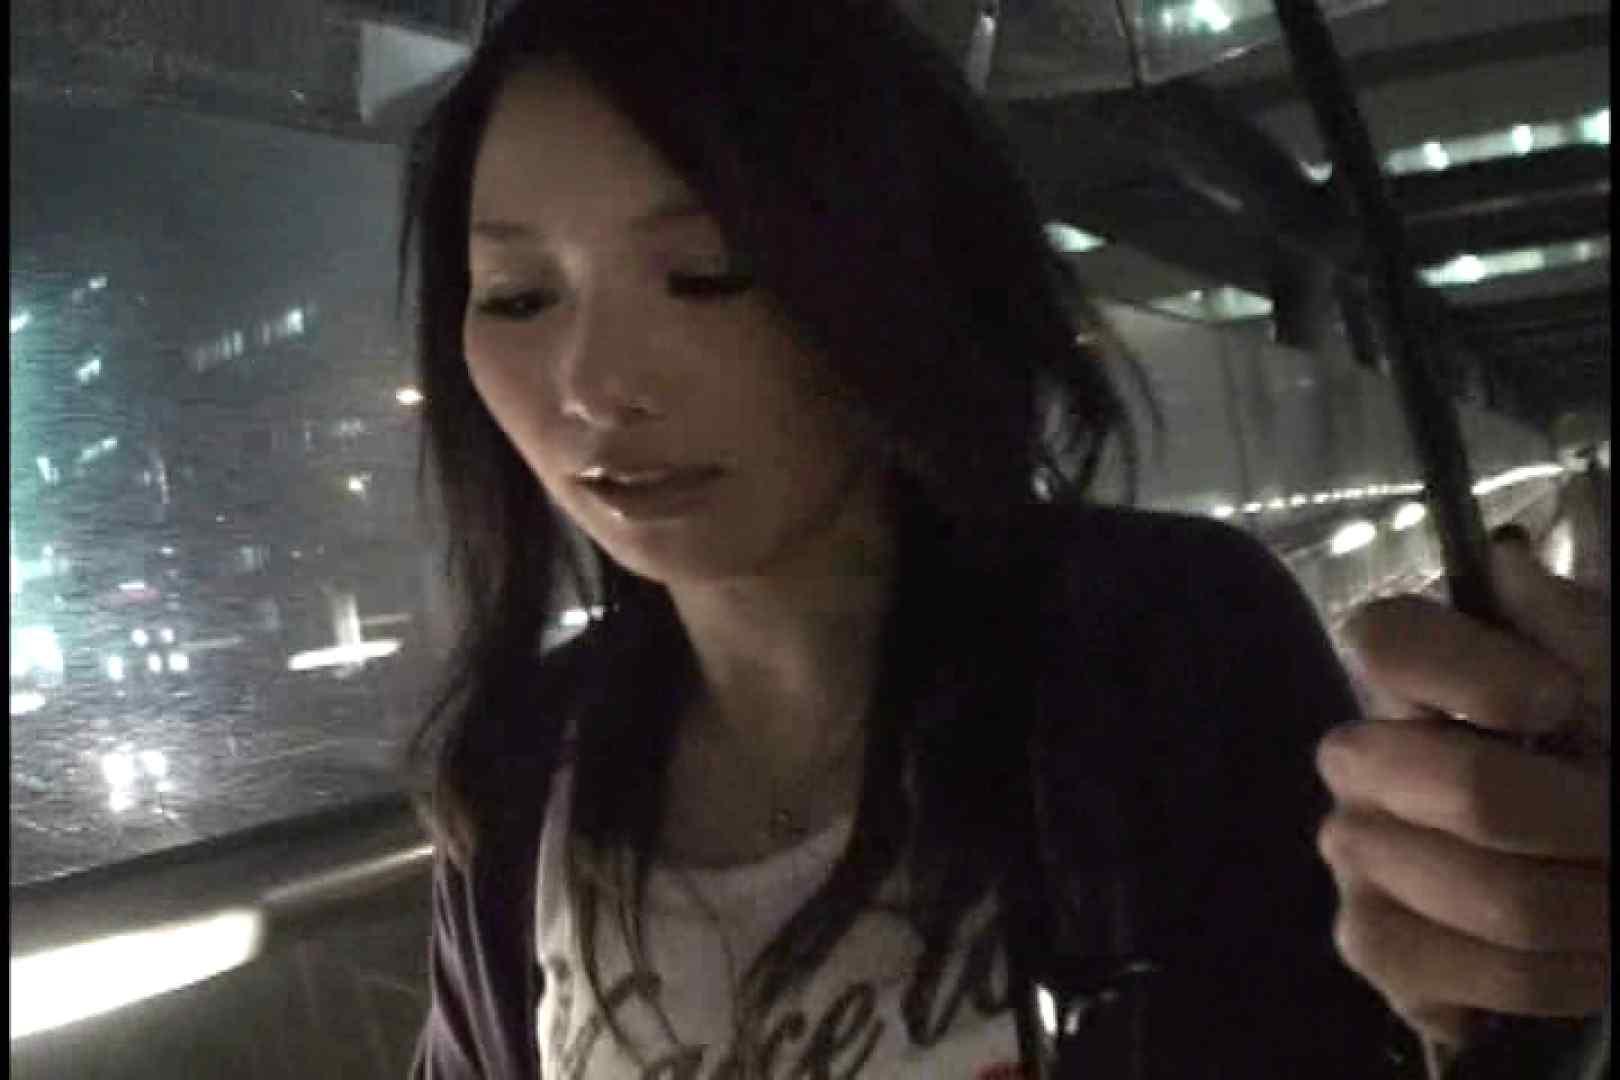 JDハンター全国ツアー vol.045 後編 OLのプライベート   エロカワ女子大生  11pic 1